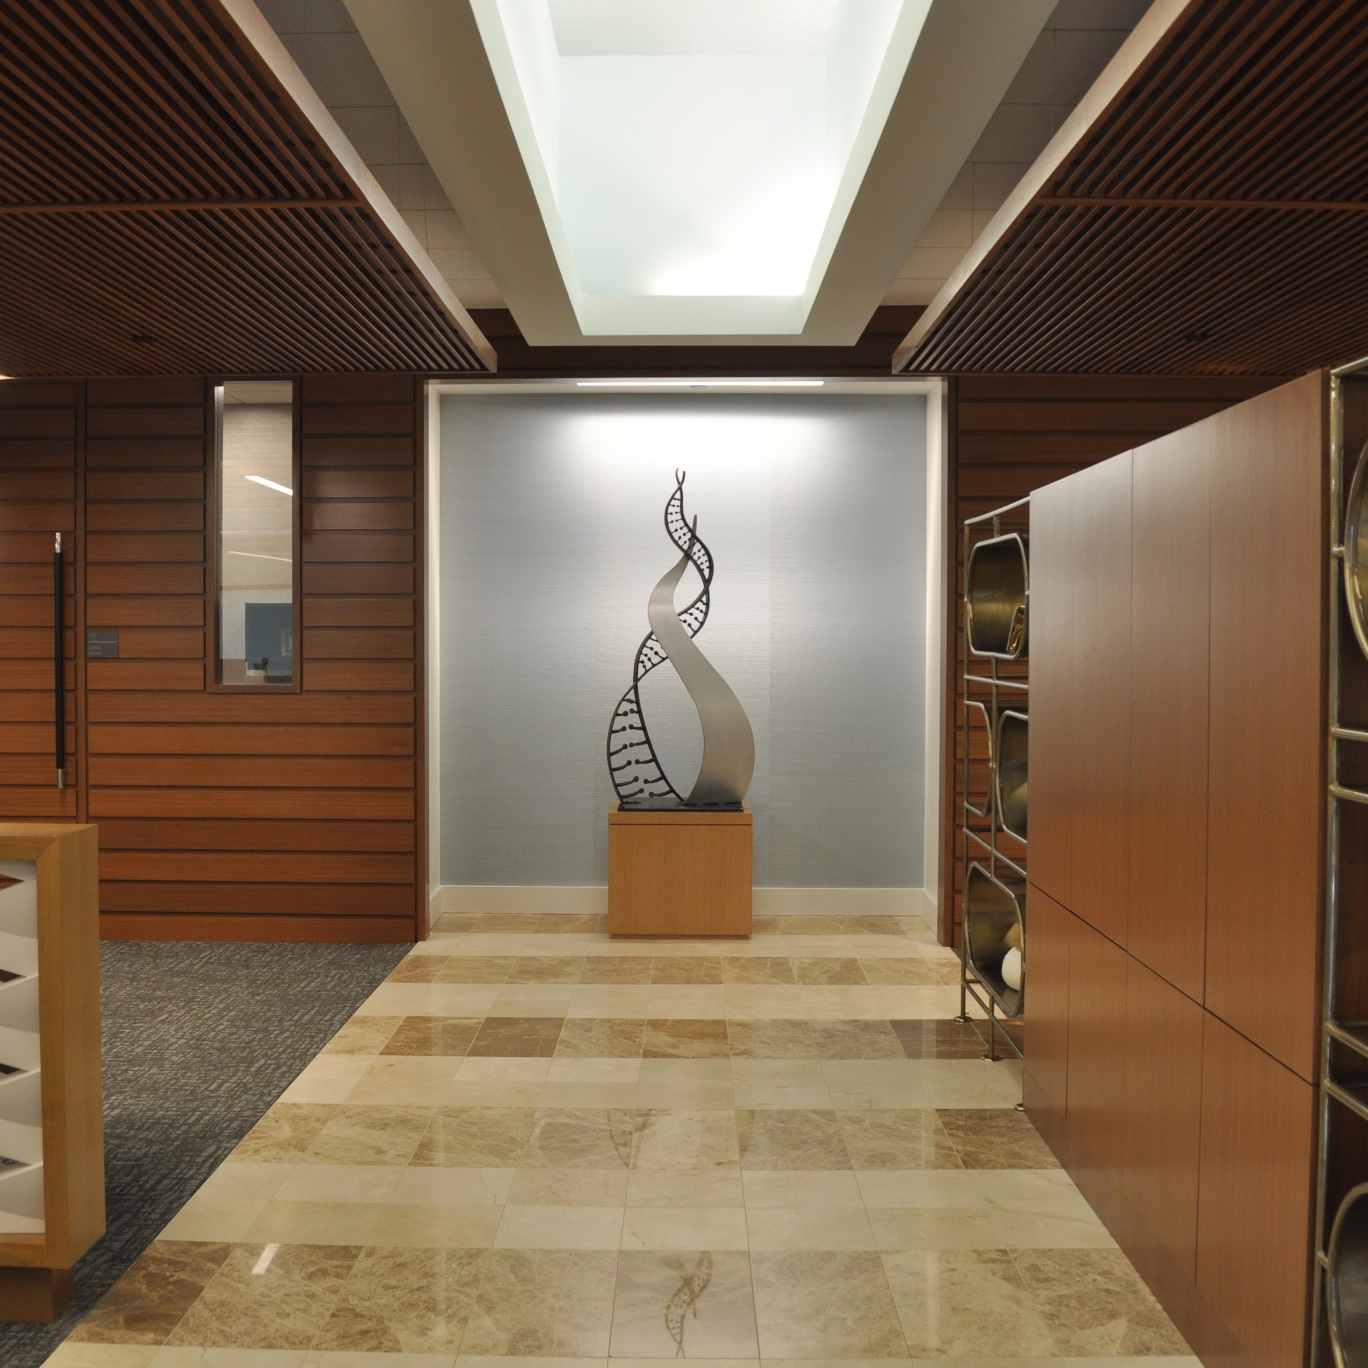 Corporate Executive Lounge